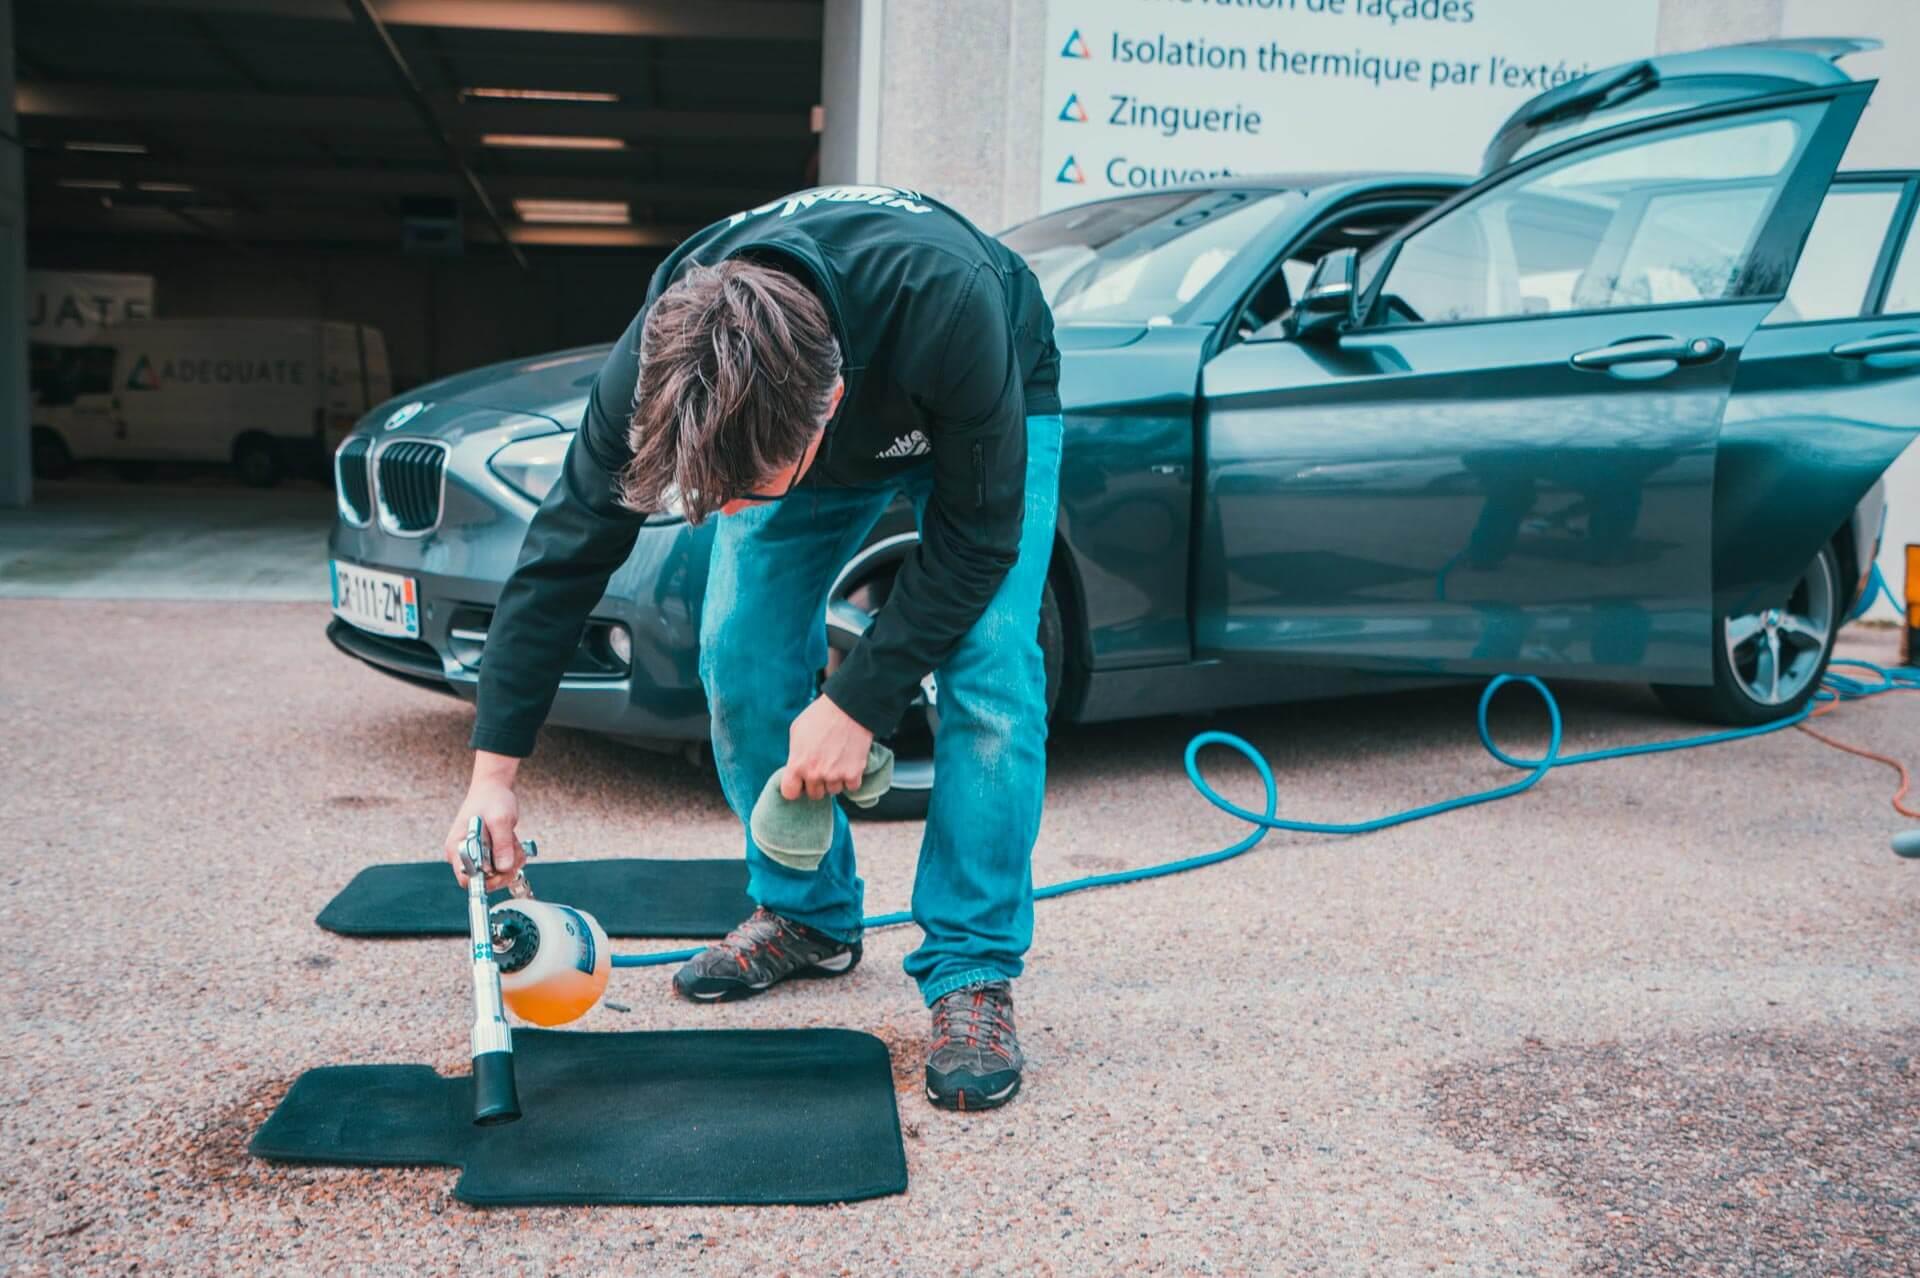 Le lavage des tapis sans eau - Nettoyage de véhicules professionnels et utilitaires